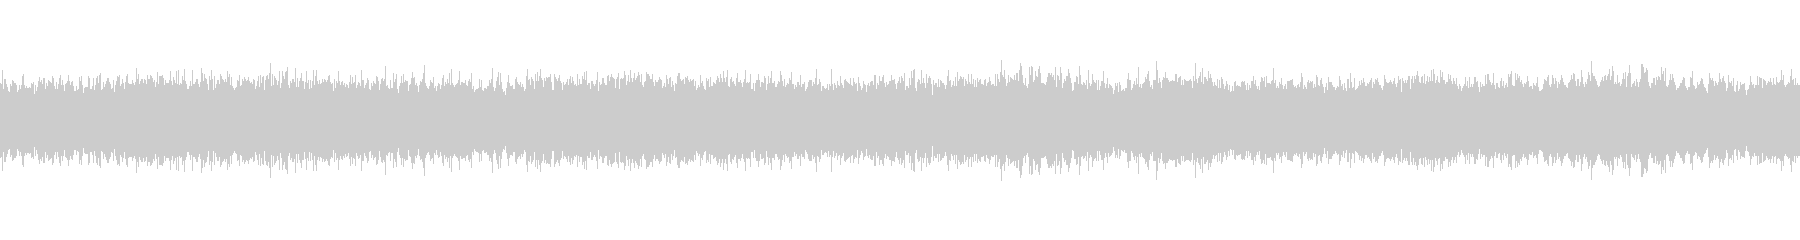 【生録音】ループで使える夏の虫の声 5の未再生の波形